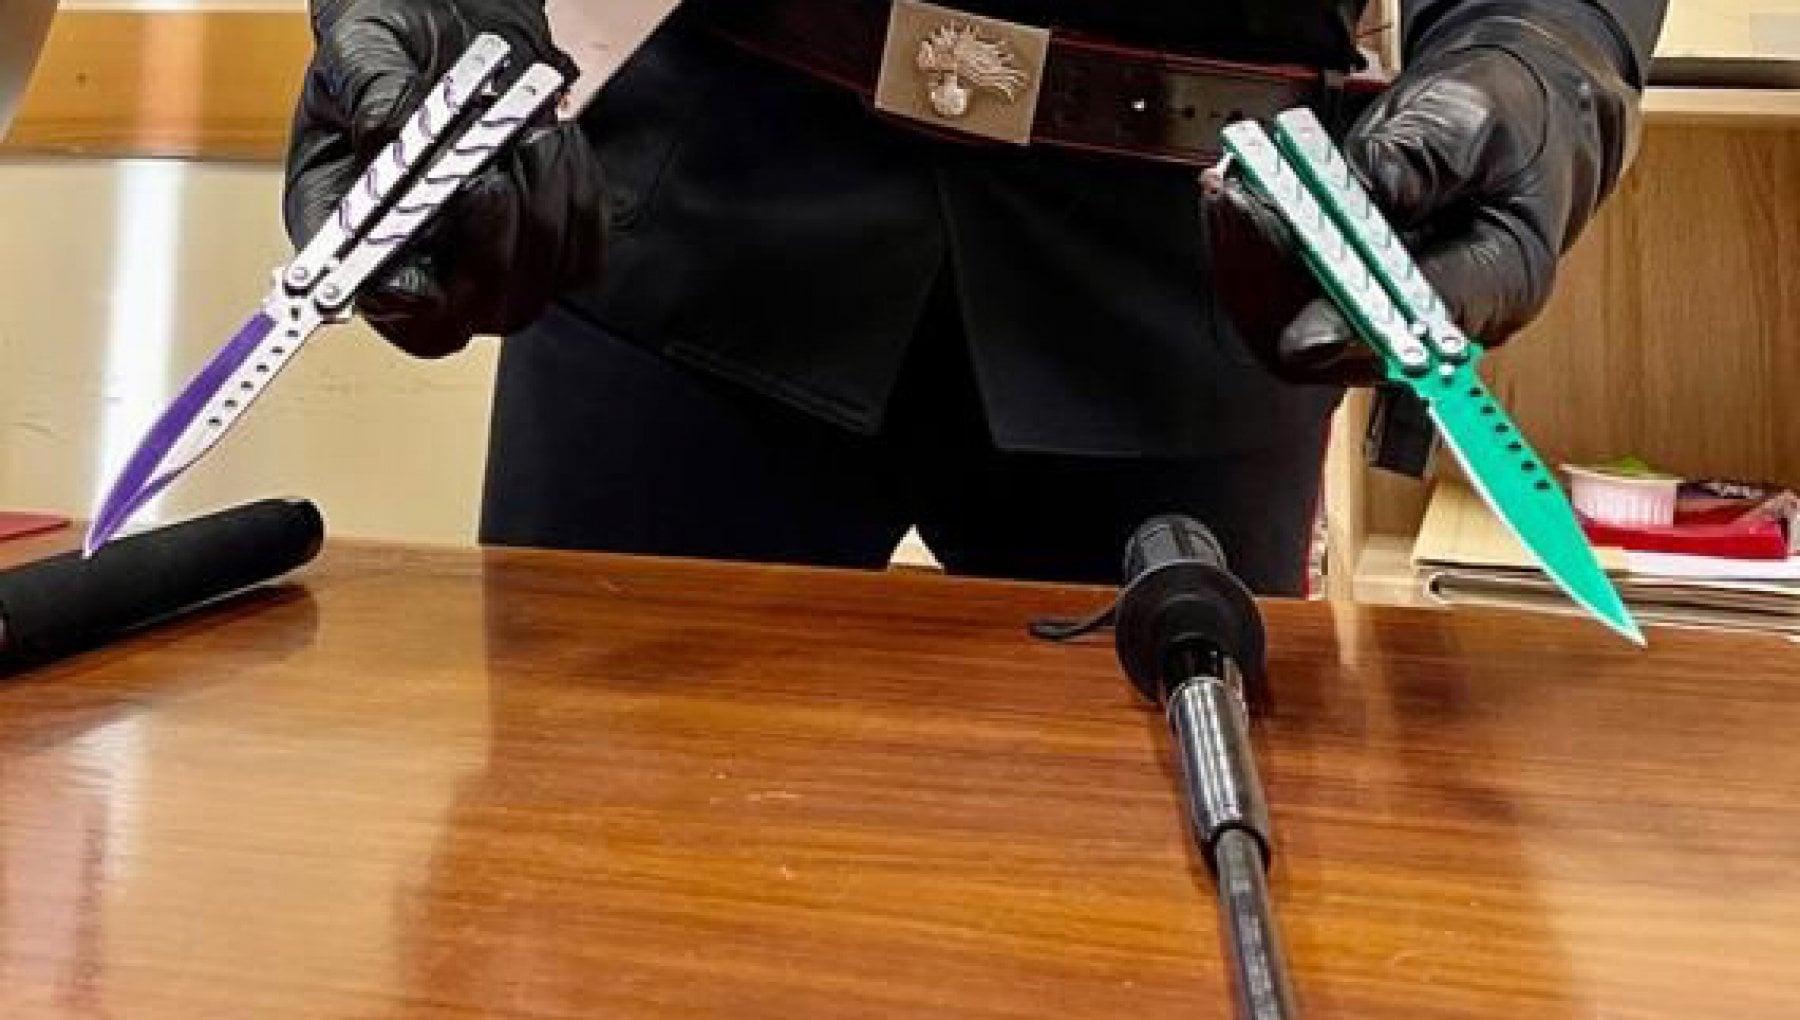 Sorrento, in Circumvesuviana armati di coltelli e bastoni: fermati 2 minori